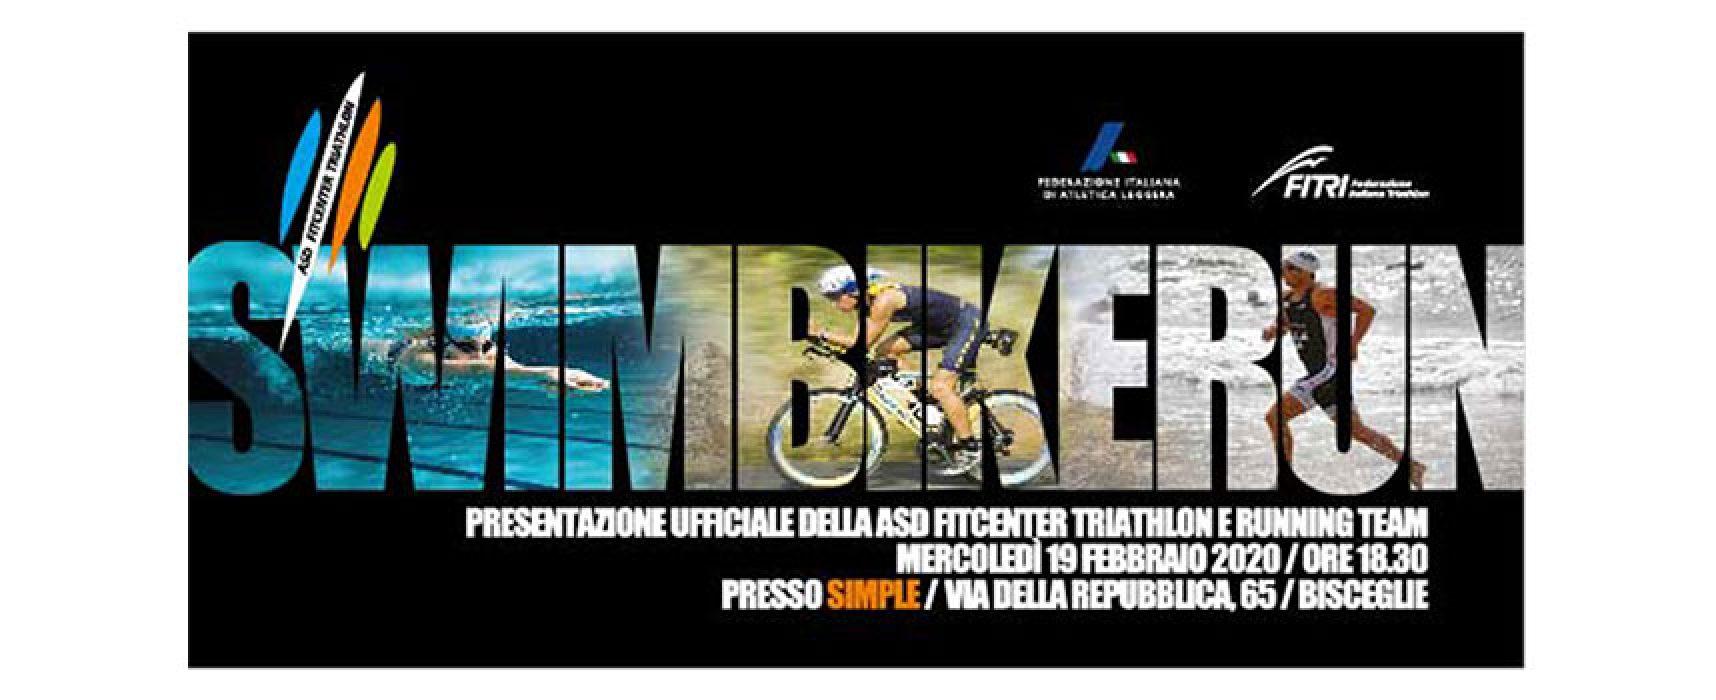 Nasce la Fitcenter Triathlon, novità nel panorama sportivo biscegliese